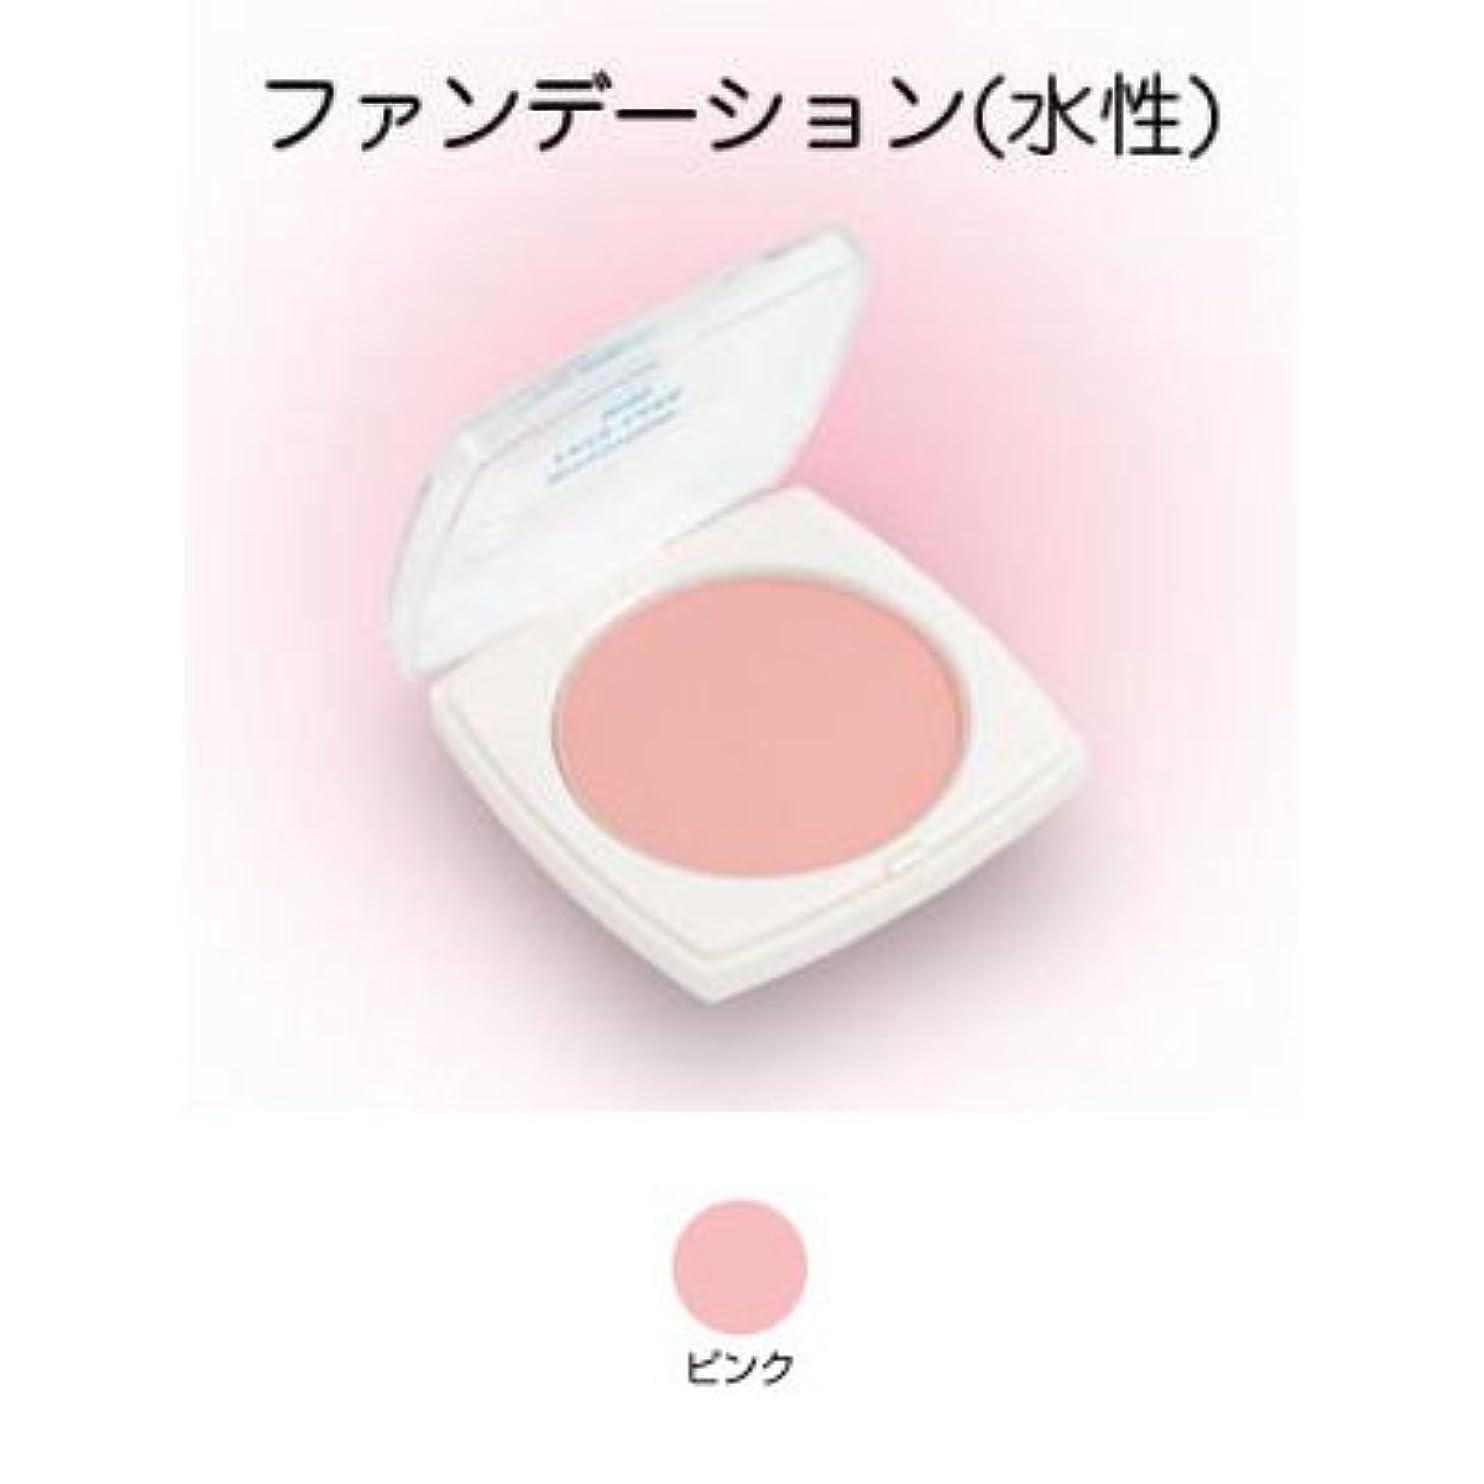 キャンバス警察署伝導フェースケーキ ミニ 17g ピンク 【三善】